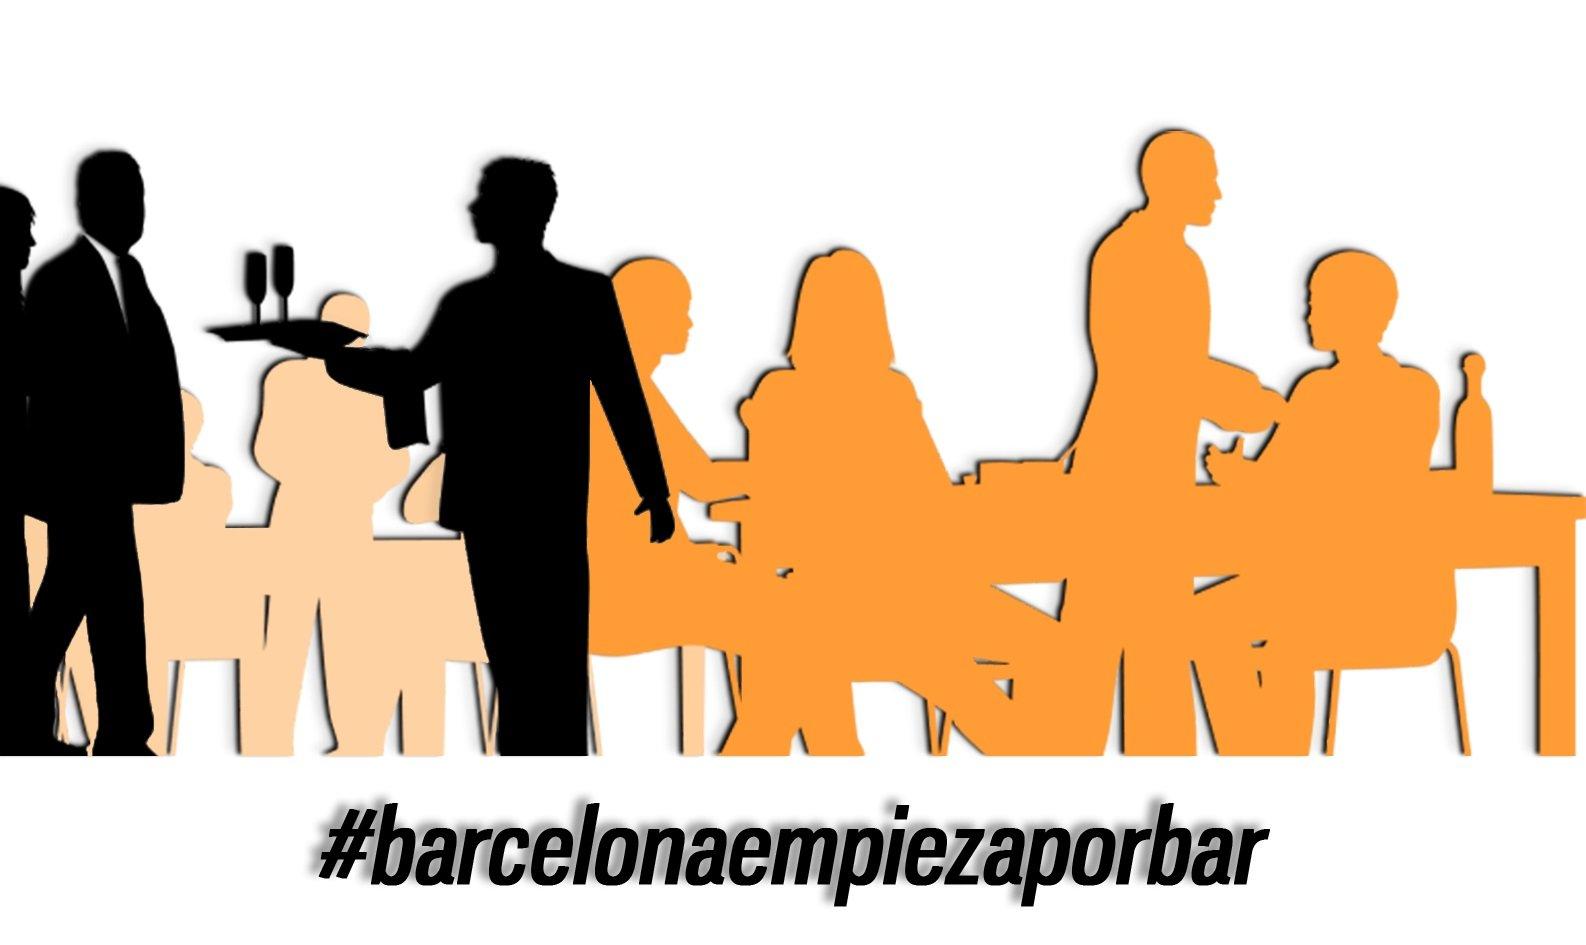 Barcelona empieza por Bar: la iniciativa del Gremi de Restauració para dinamizar la hostelería barcelonesa a través de Instagram